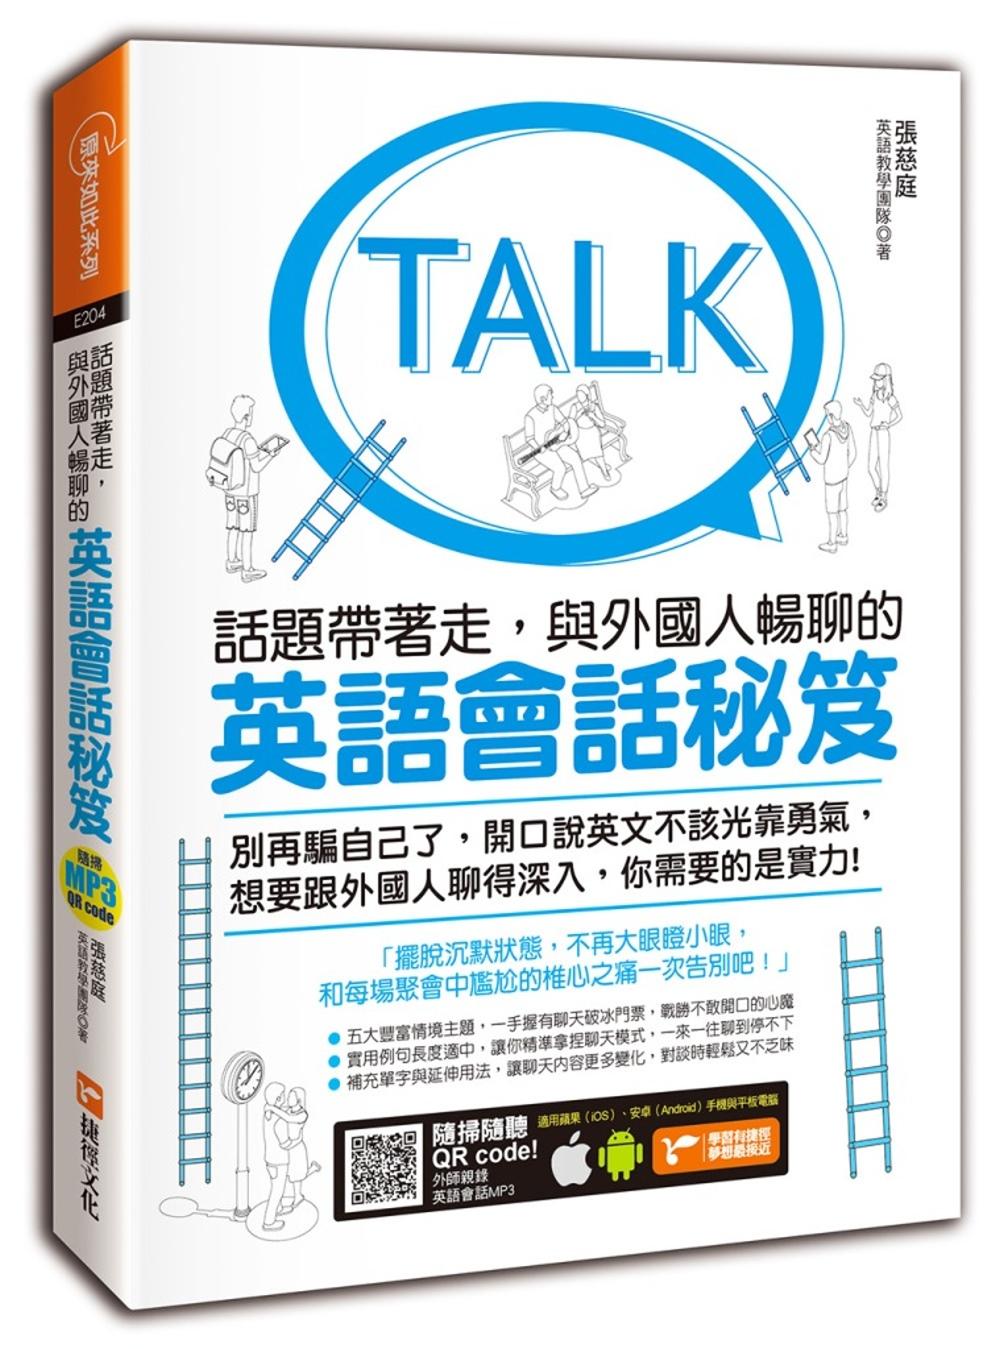 話題帶著走:與外國人暢聊的英語會話秘笈(附隨掃隨聽MP3 QR code)